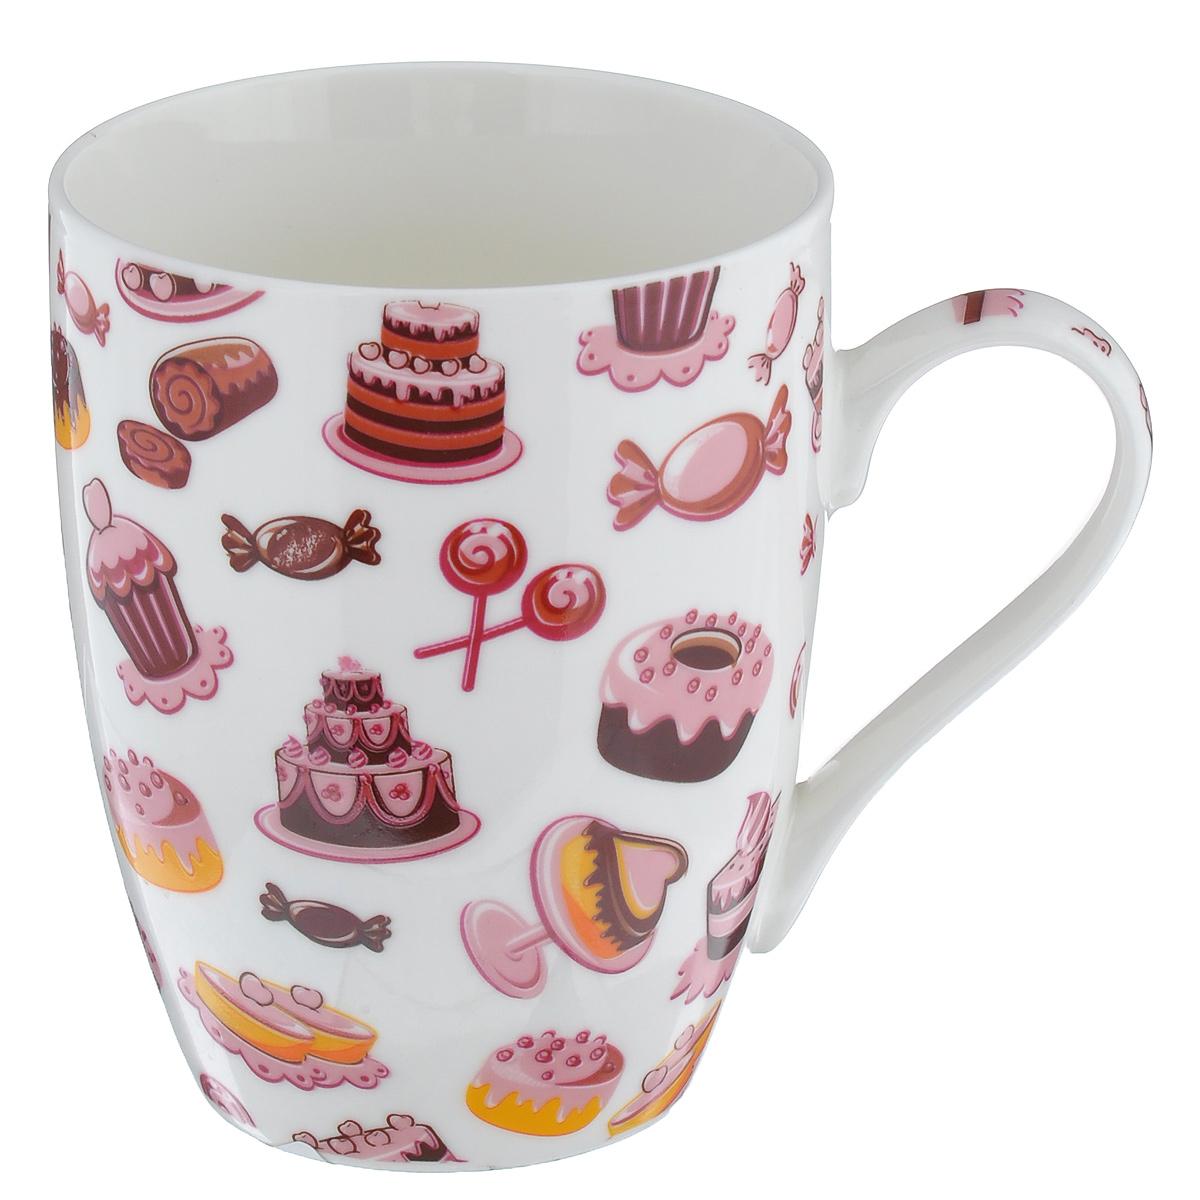 Кружка Десерт. Торты и конфеты, 335 млLQB09-T02Кружка Десерт. Торты и конфеты изготовлена из высококачественного фарфора. Внешние стенки изделия оформлены красочным принтом с изображением тортов и конфет. Такая кружка прекрасно подойдет для горячих и холодных напитков. Она дополнит коллекцию вашей кухонной посуды и будет служить долгие годы. Можно использовать в посудомоечной машине и СВЧ. Объем кружки: 335 мл. Диаметр кружки (по верхнему краю): 8 см. Высота стенки кружки: 10,5 см.